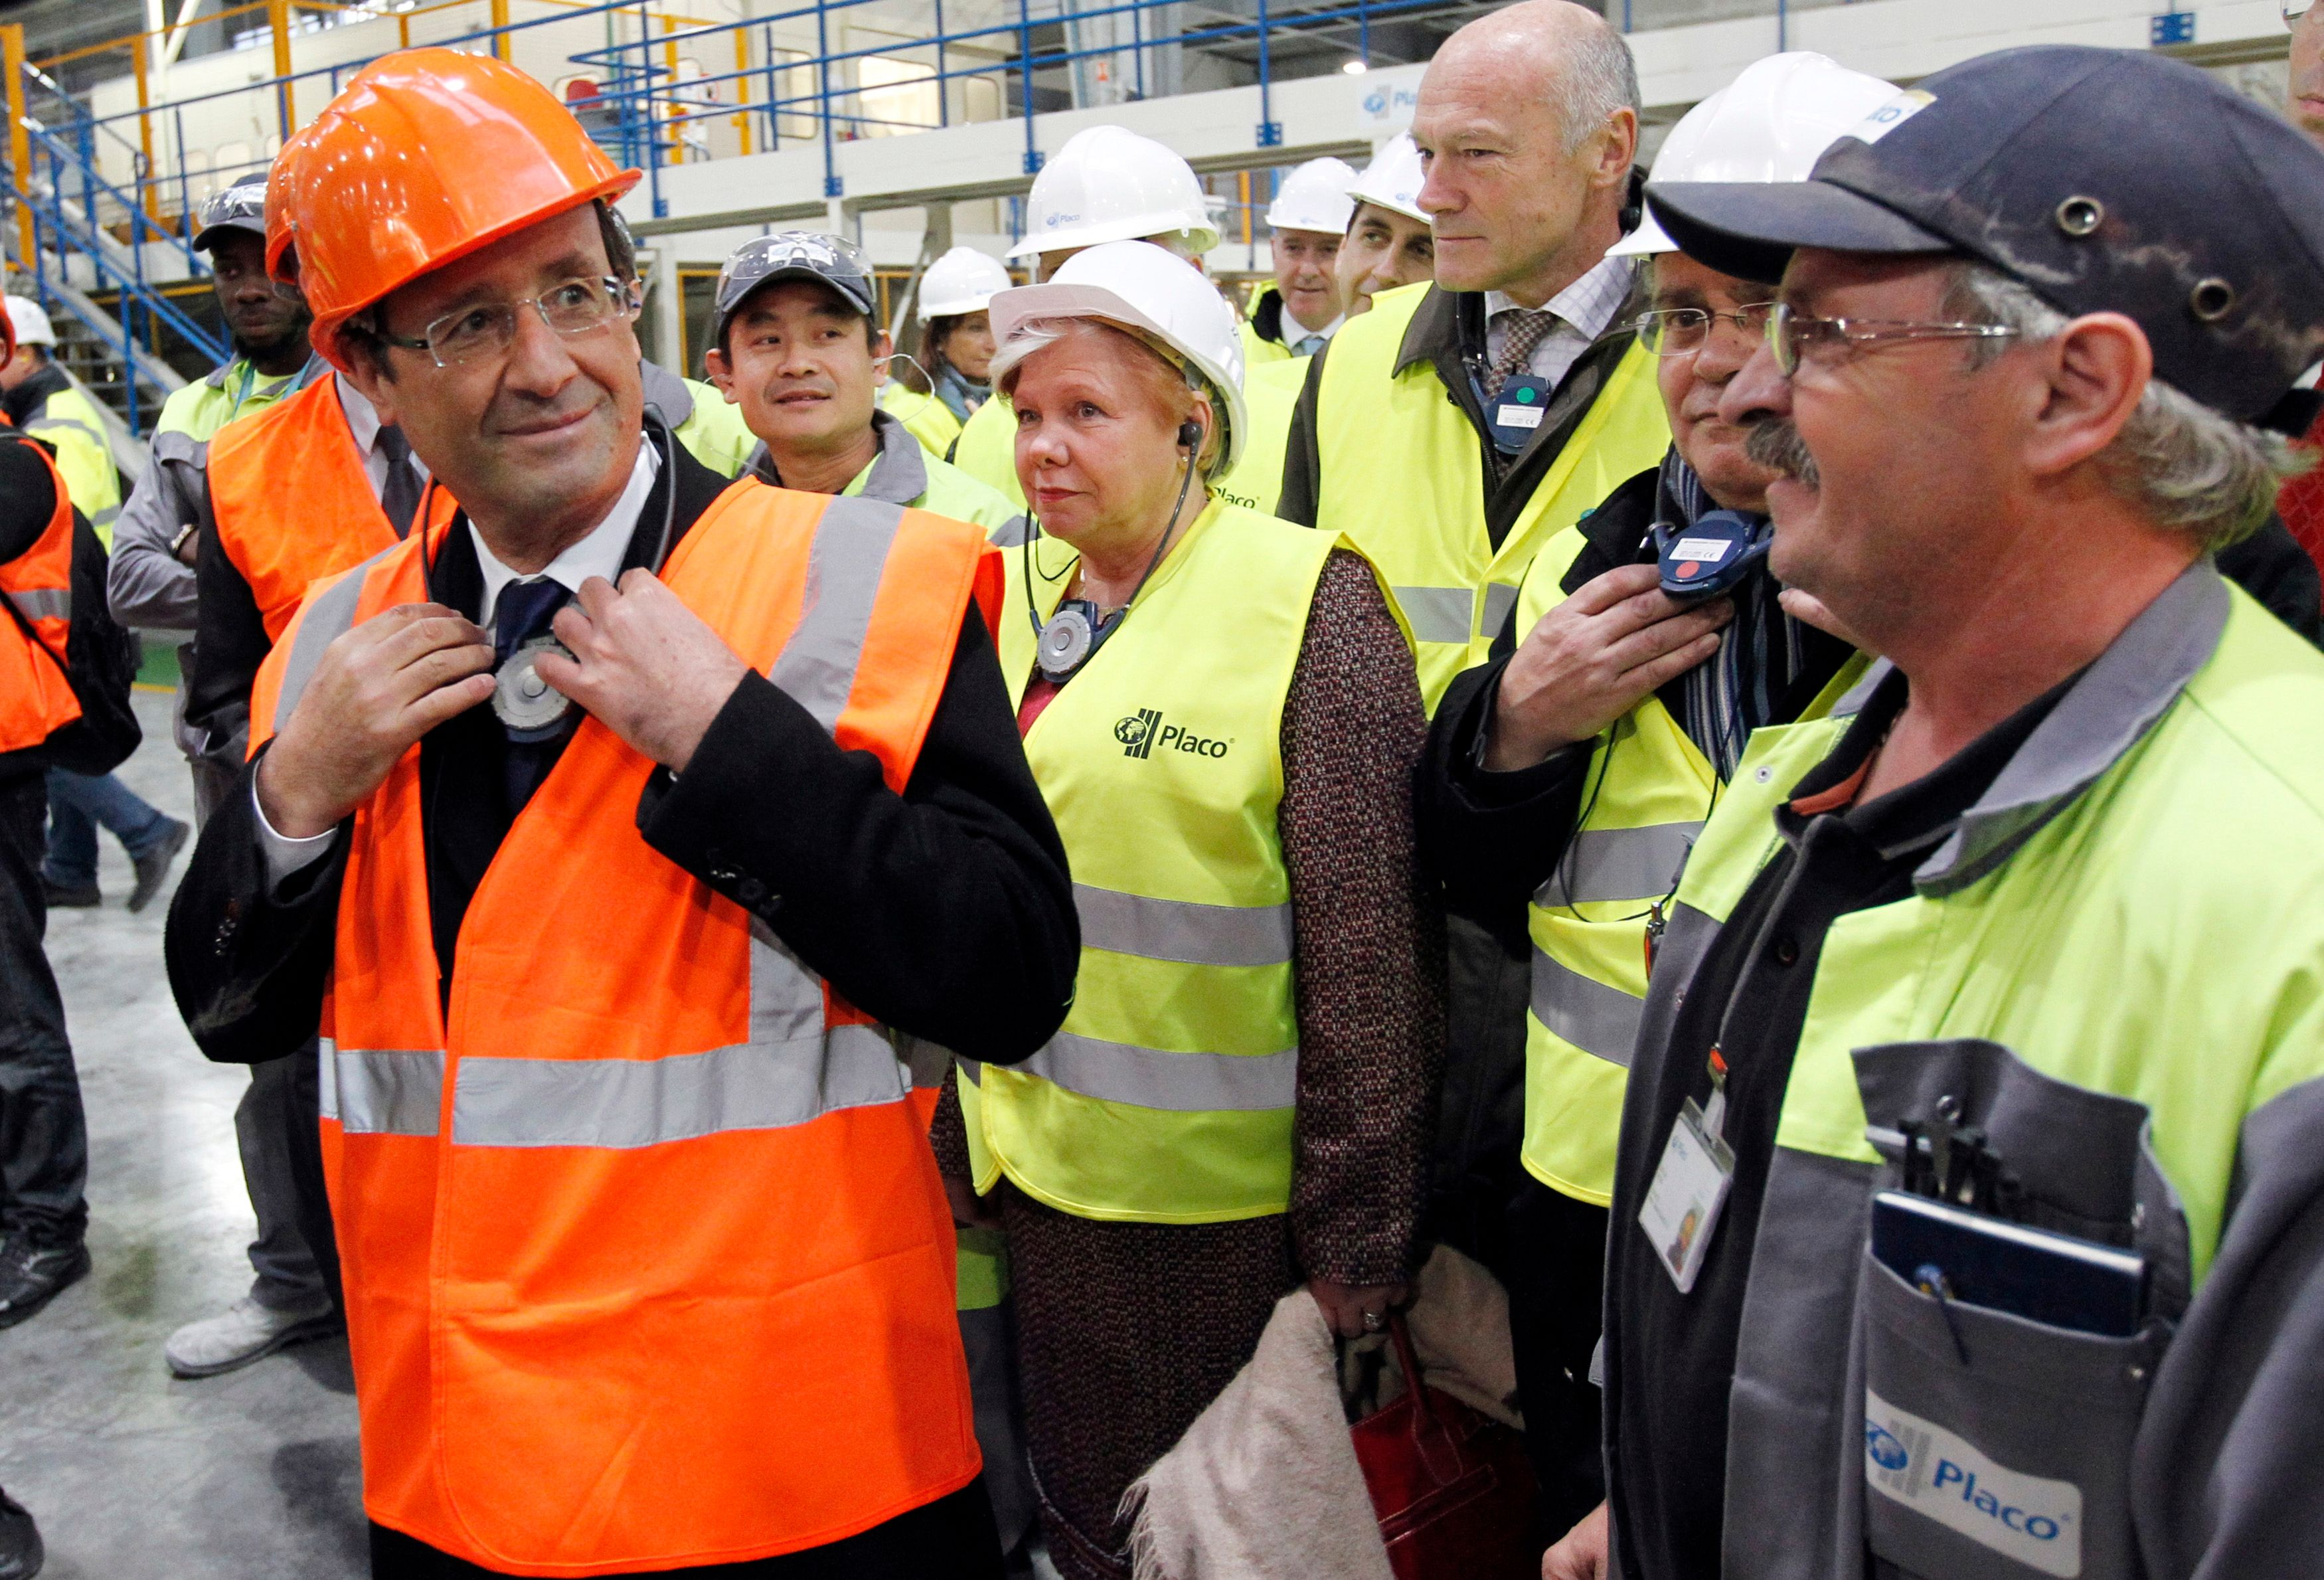 Après s'être attaqué au logement, le gouvernement français s'attaque, comme prévu, à l'emploi.